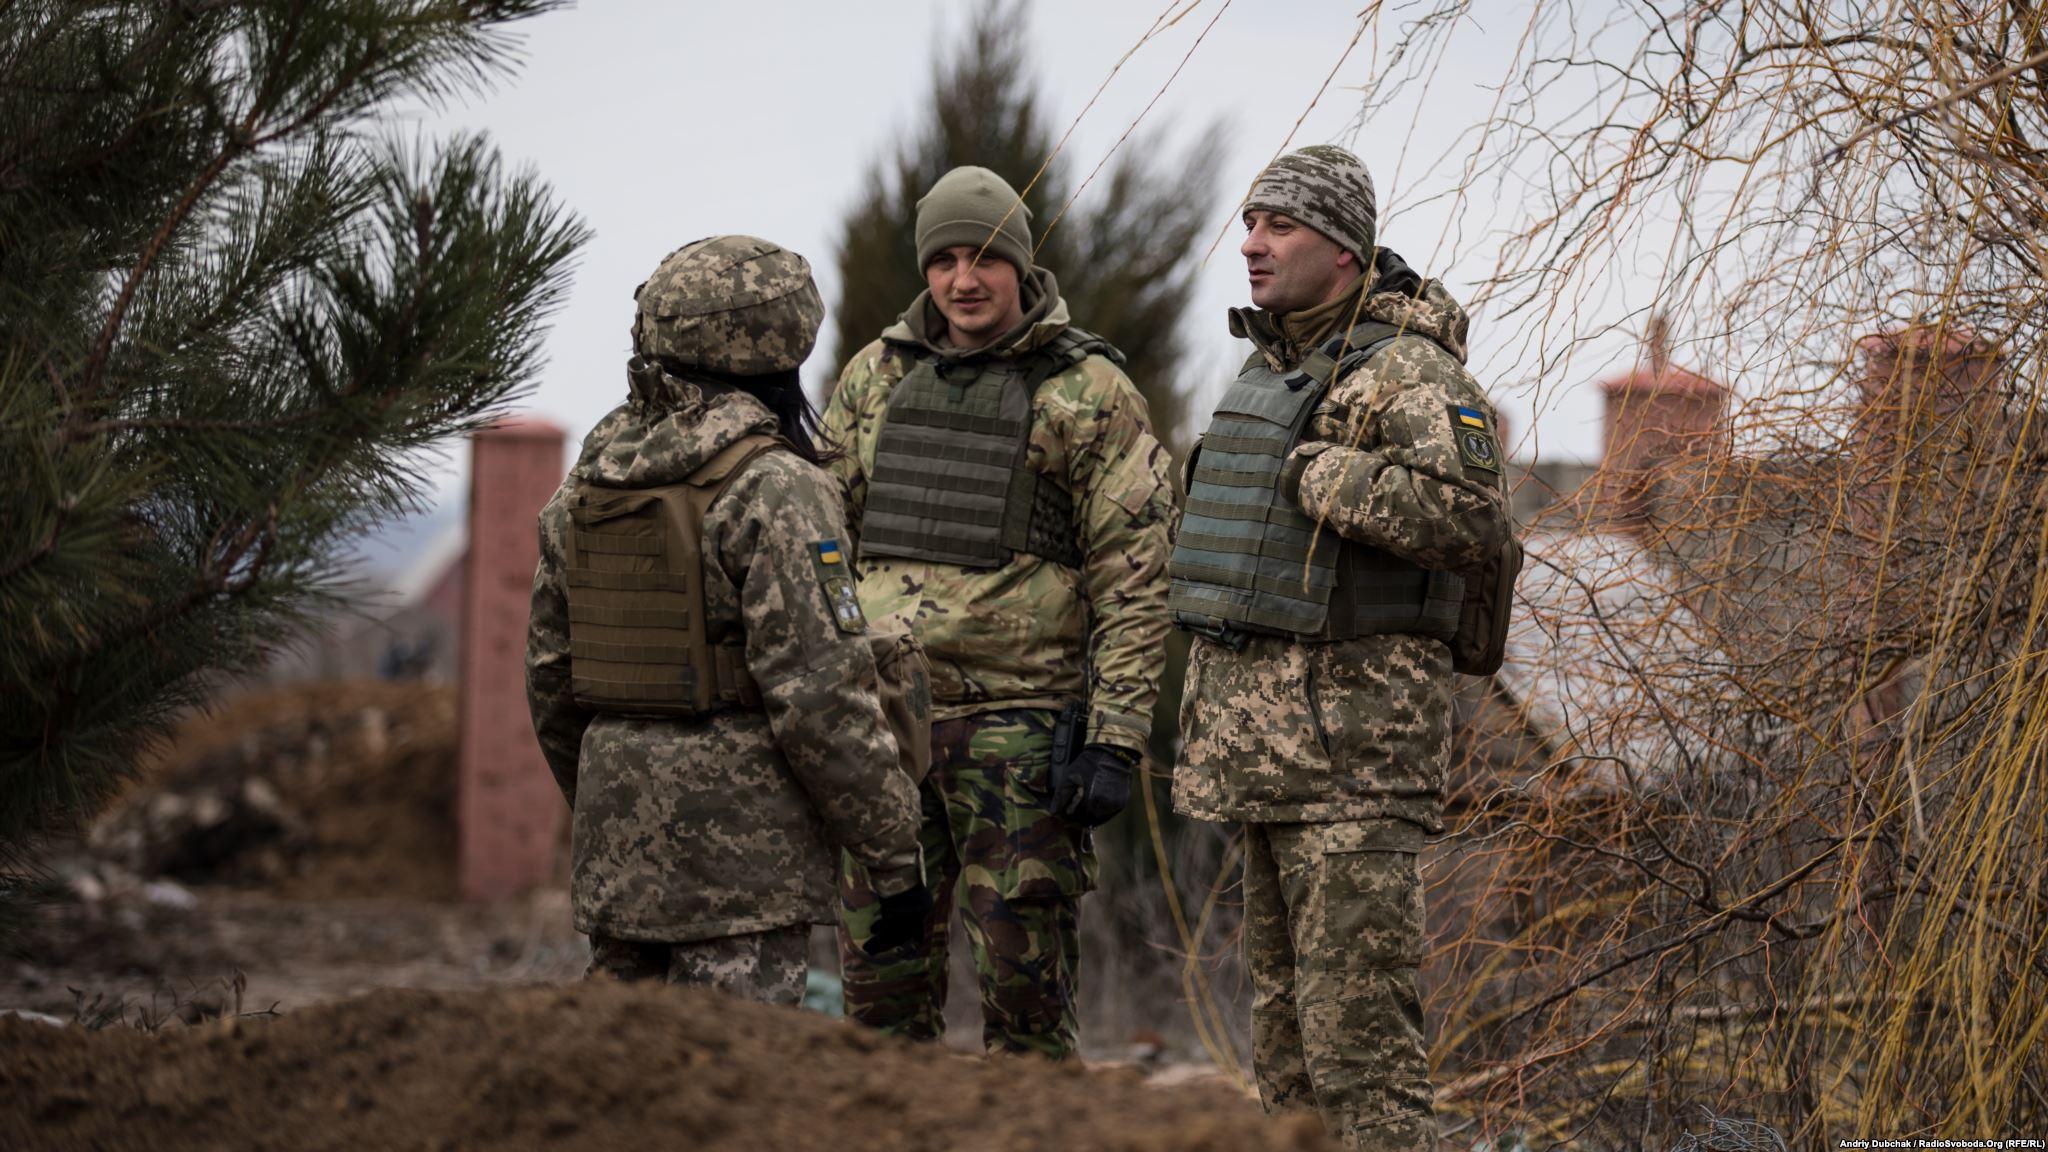 Полковник Дмитро Делятицький (праворуч) спілкується з особовим складом (фотограф Андрей Дубчак / Andriy Dubchak)